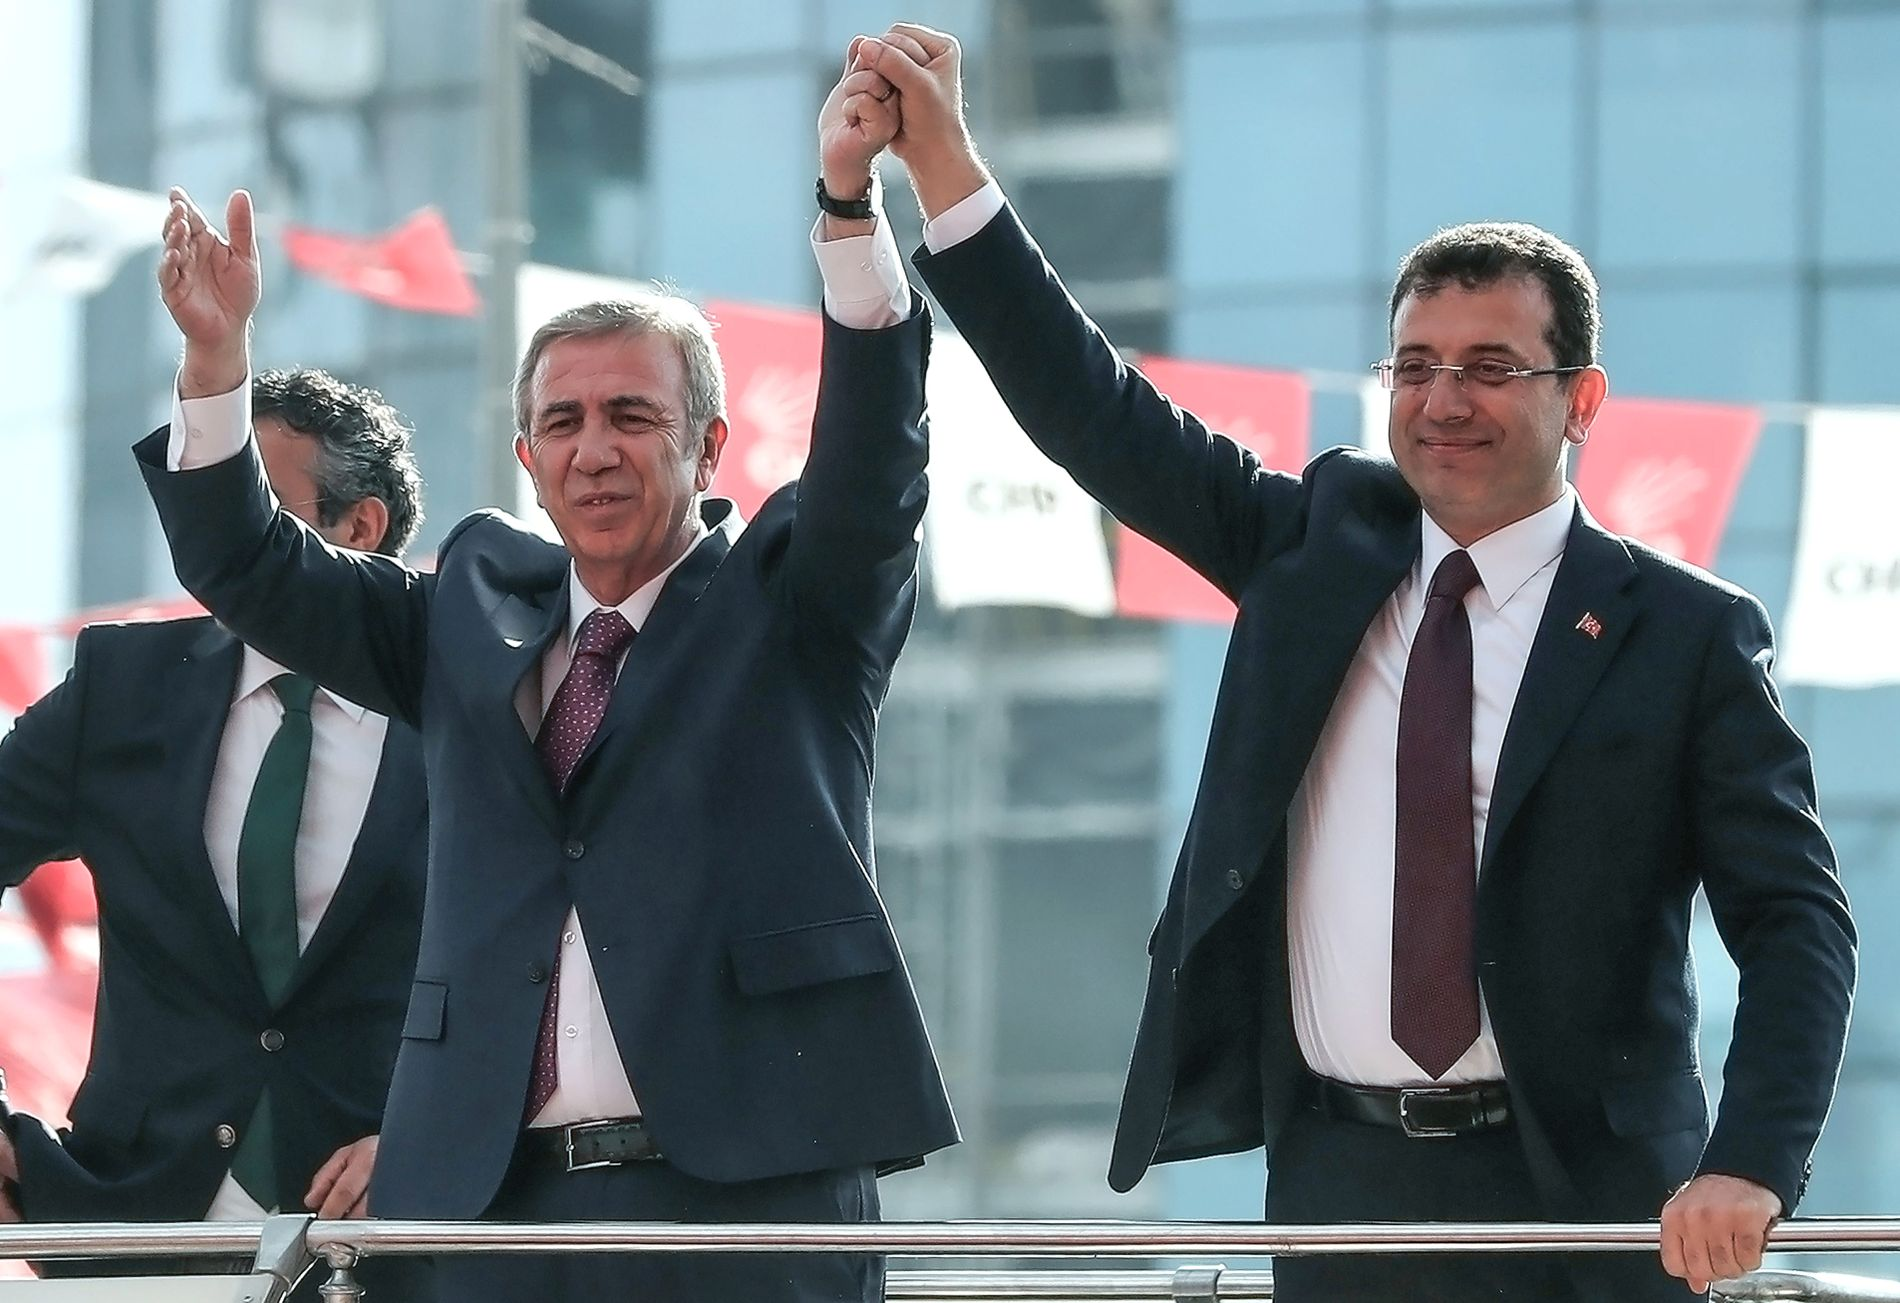 TROR DE HAR VUNNET: CHP-kandidatene Mansur Yavas (til venstre) og Ekrem Imamoglu føler seg sikre på at de bli borgermestere i henholdsvis Ankara og Istanbul.